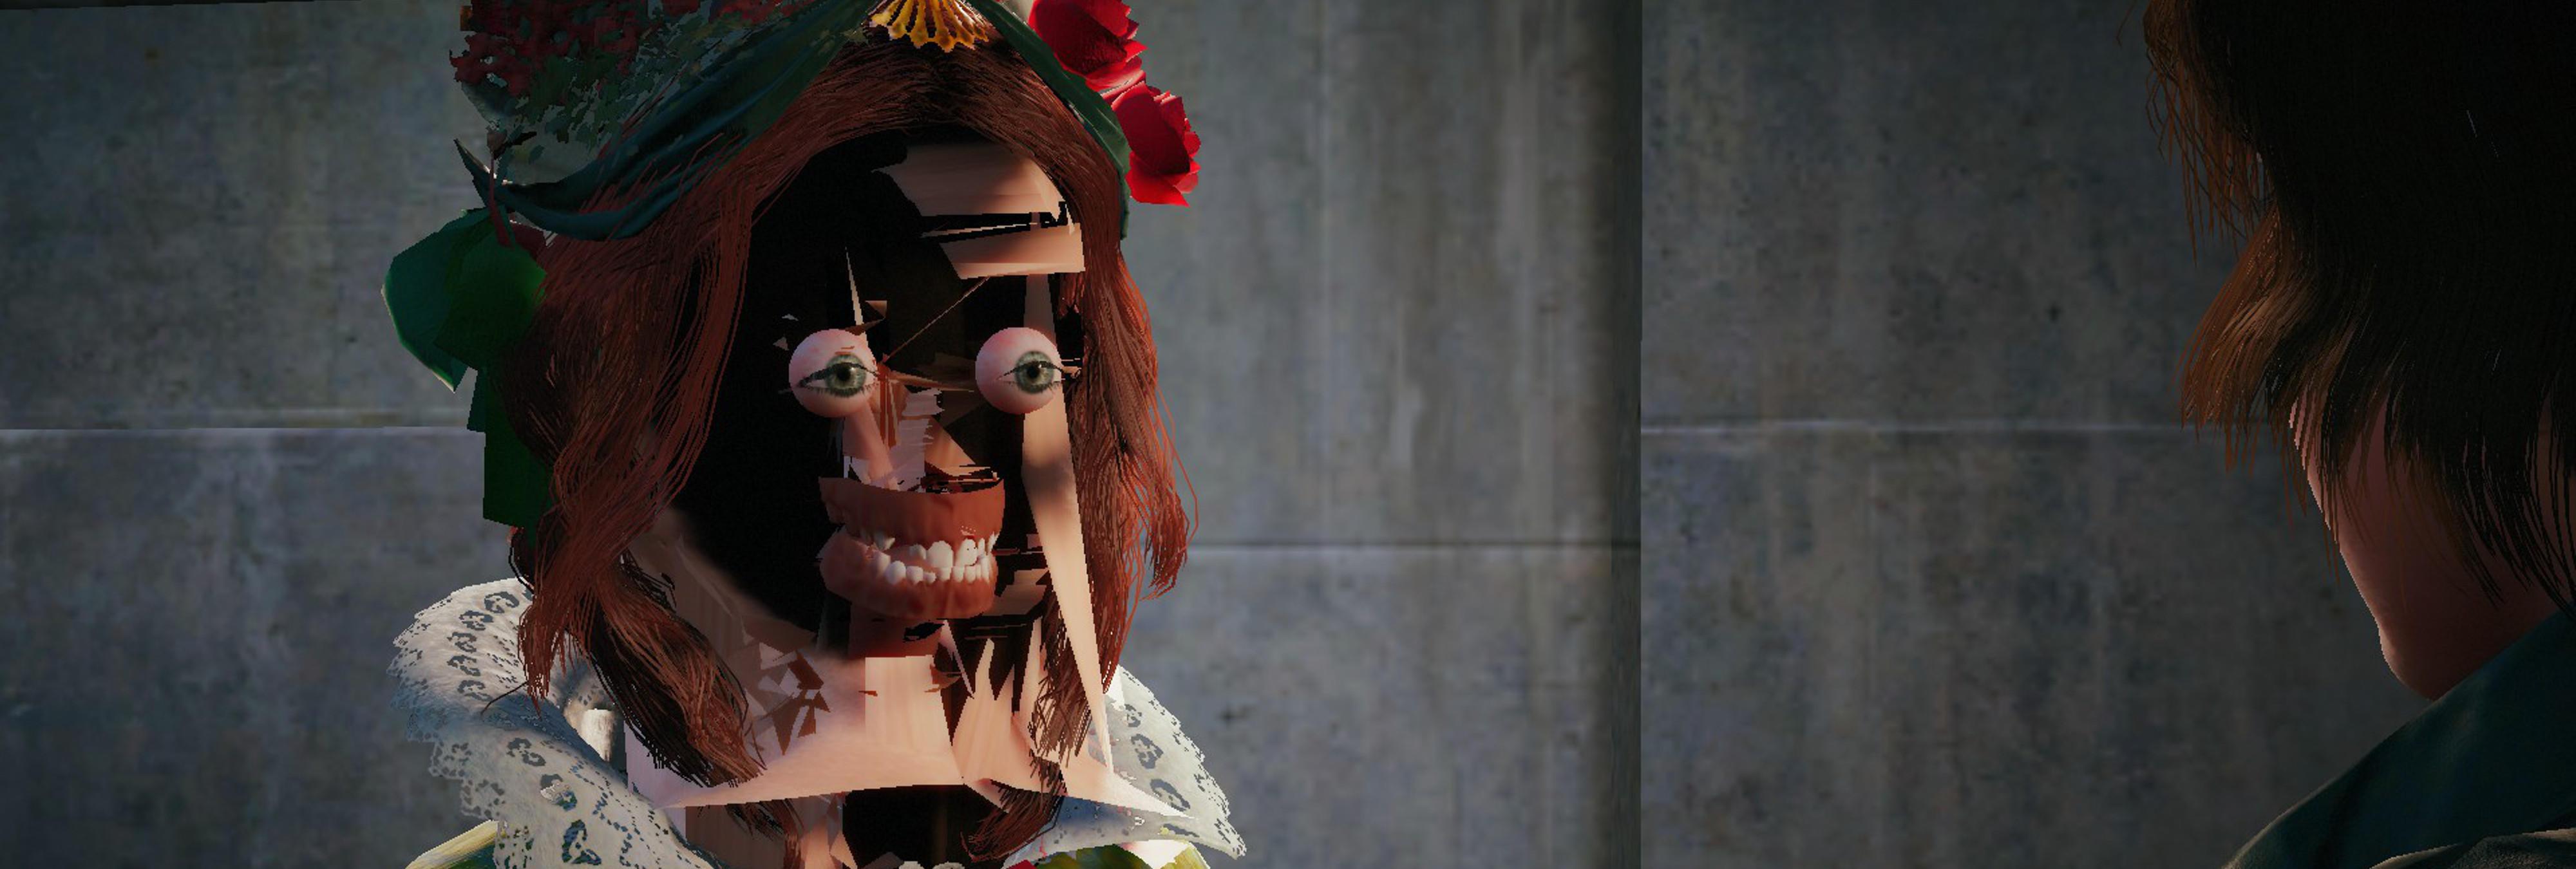 Especial Halloween: 5 videojuegos que dan auténtico terror sin que esa fuese su intención